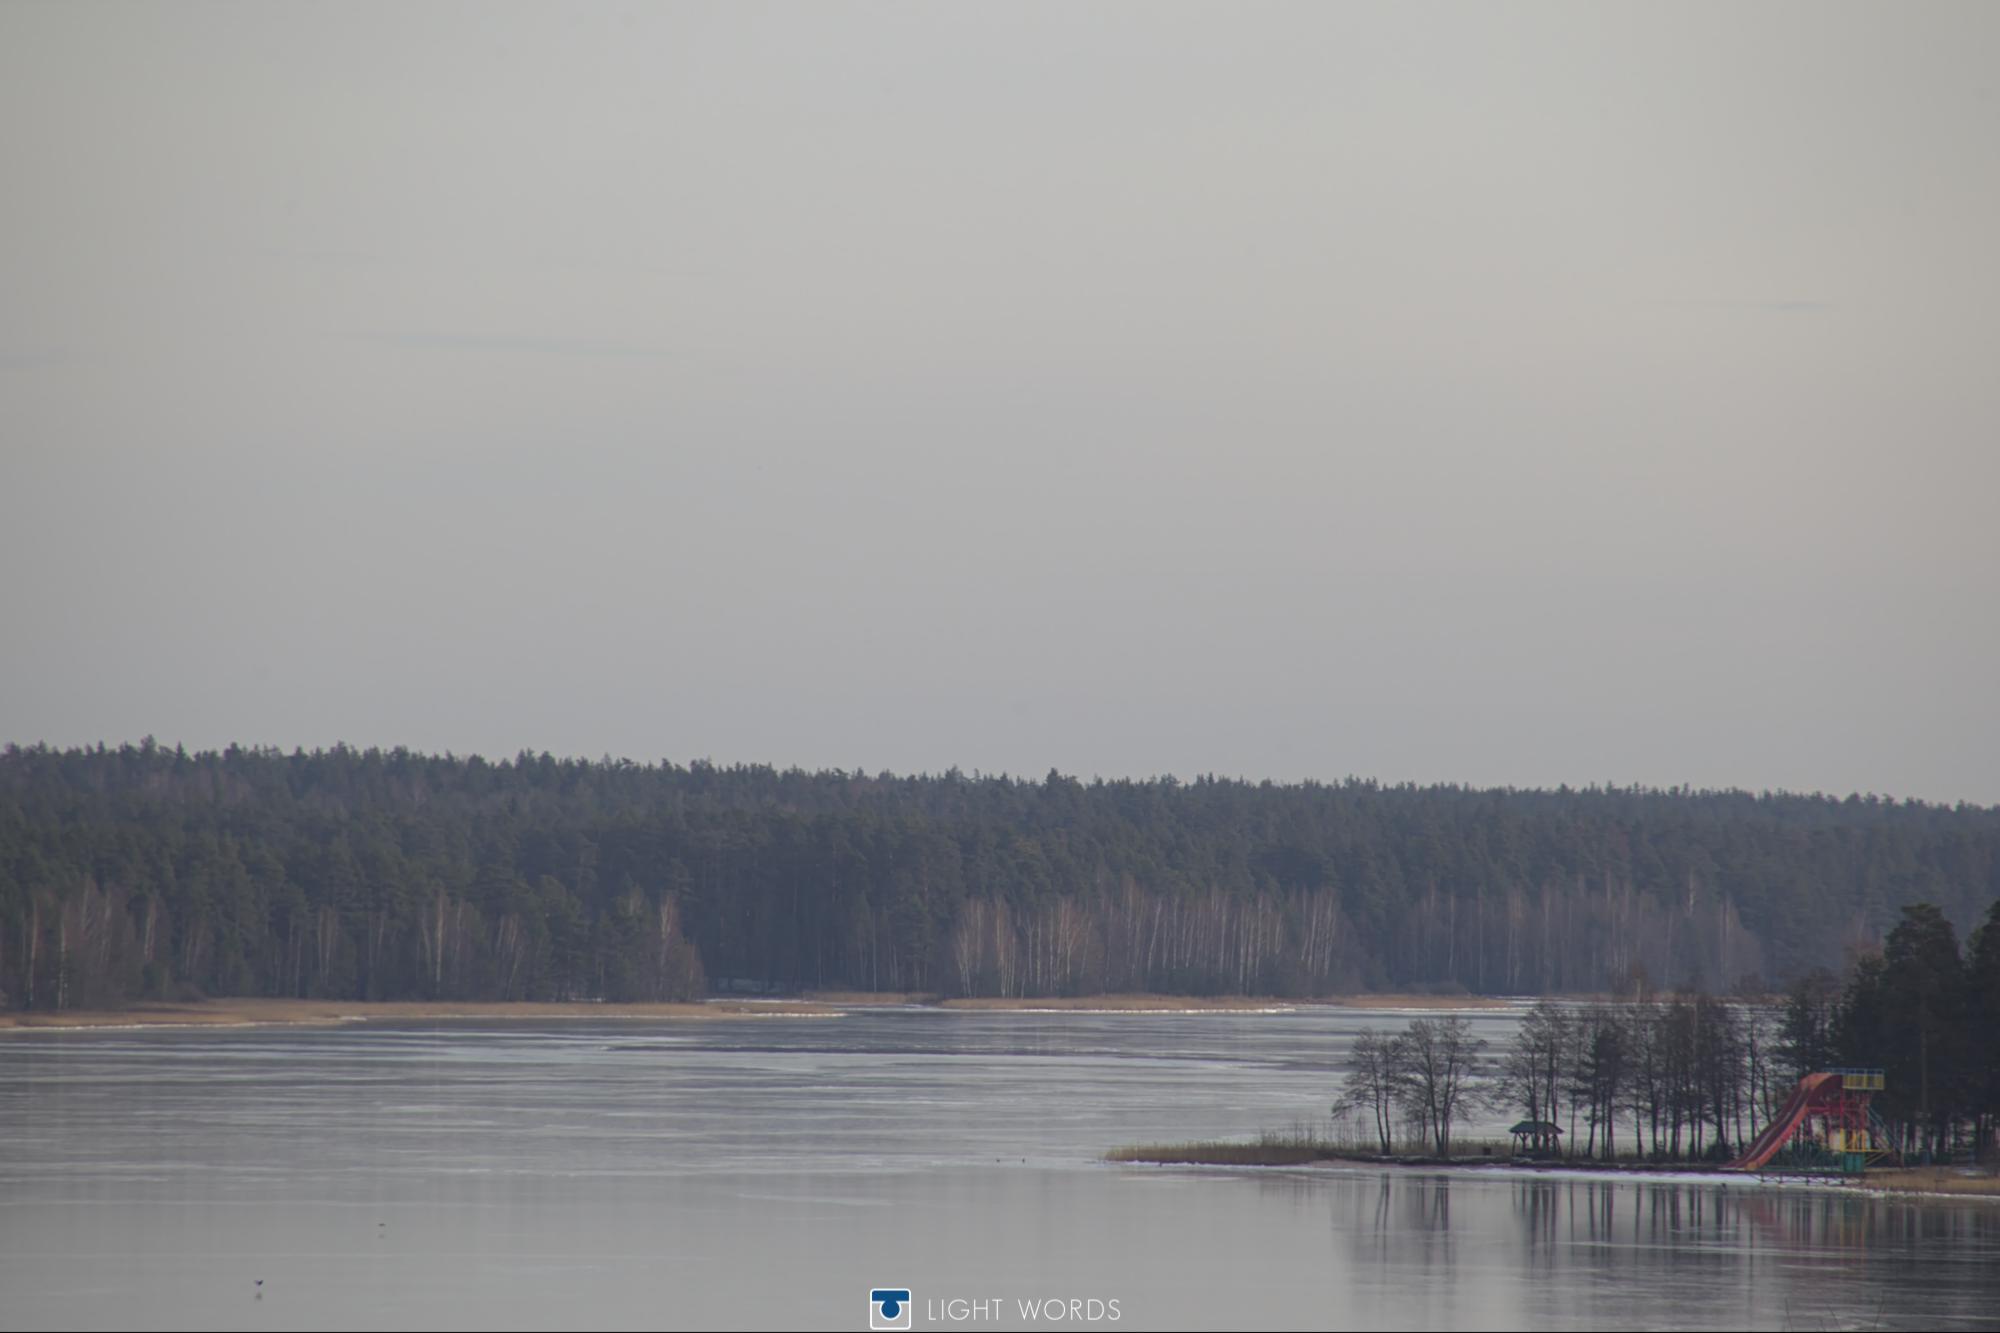 VYKSA LANDSCAPE - Russia